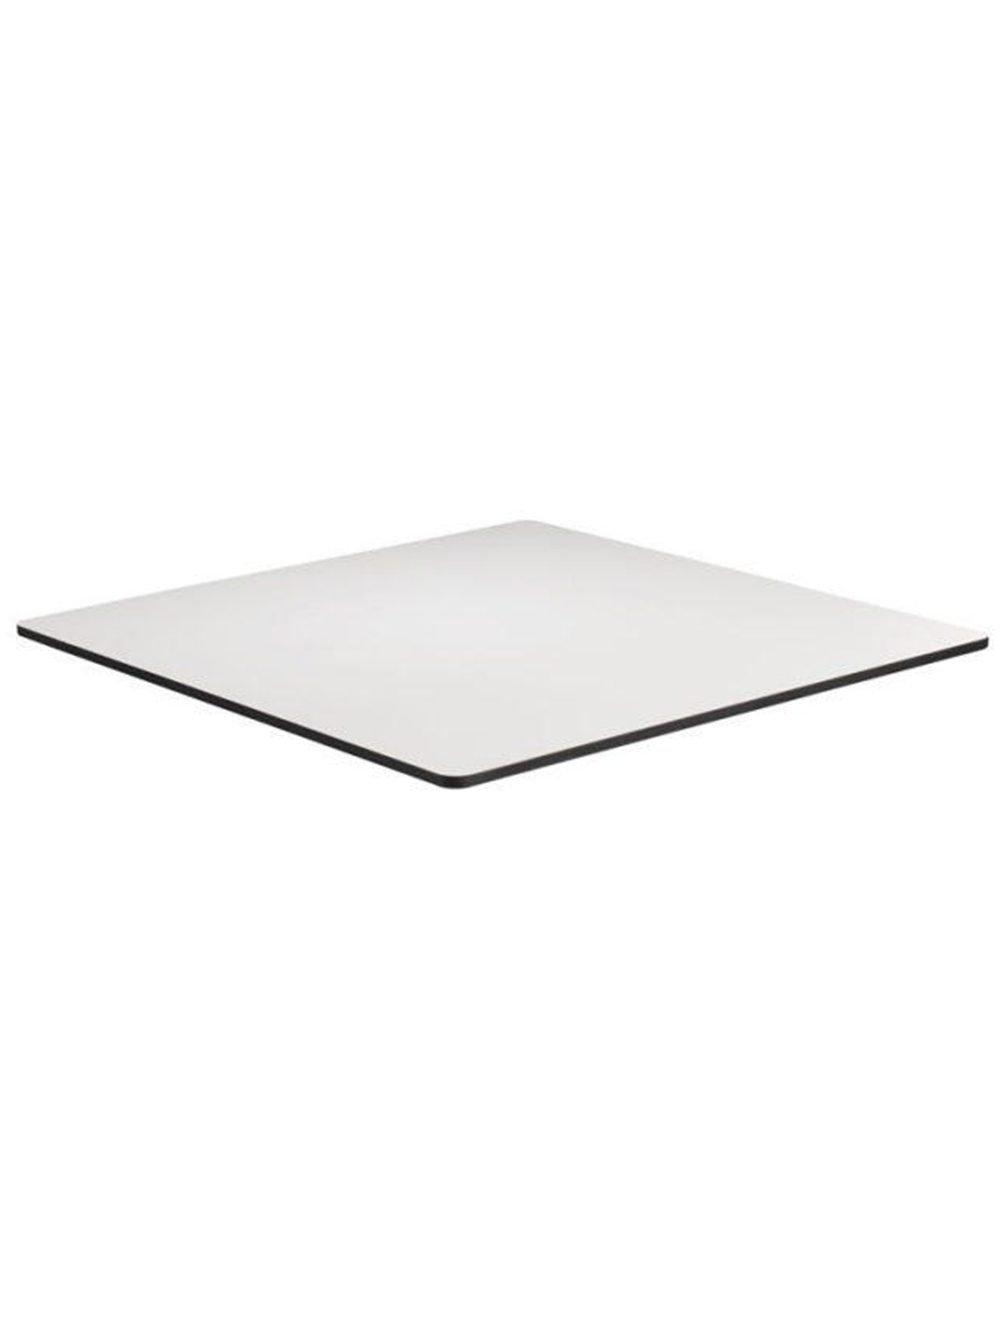 White-69x69-WEB